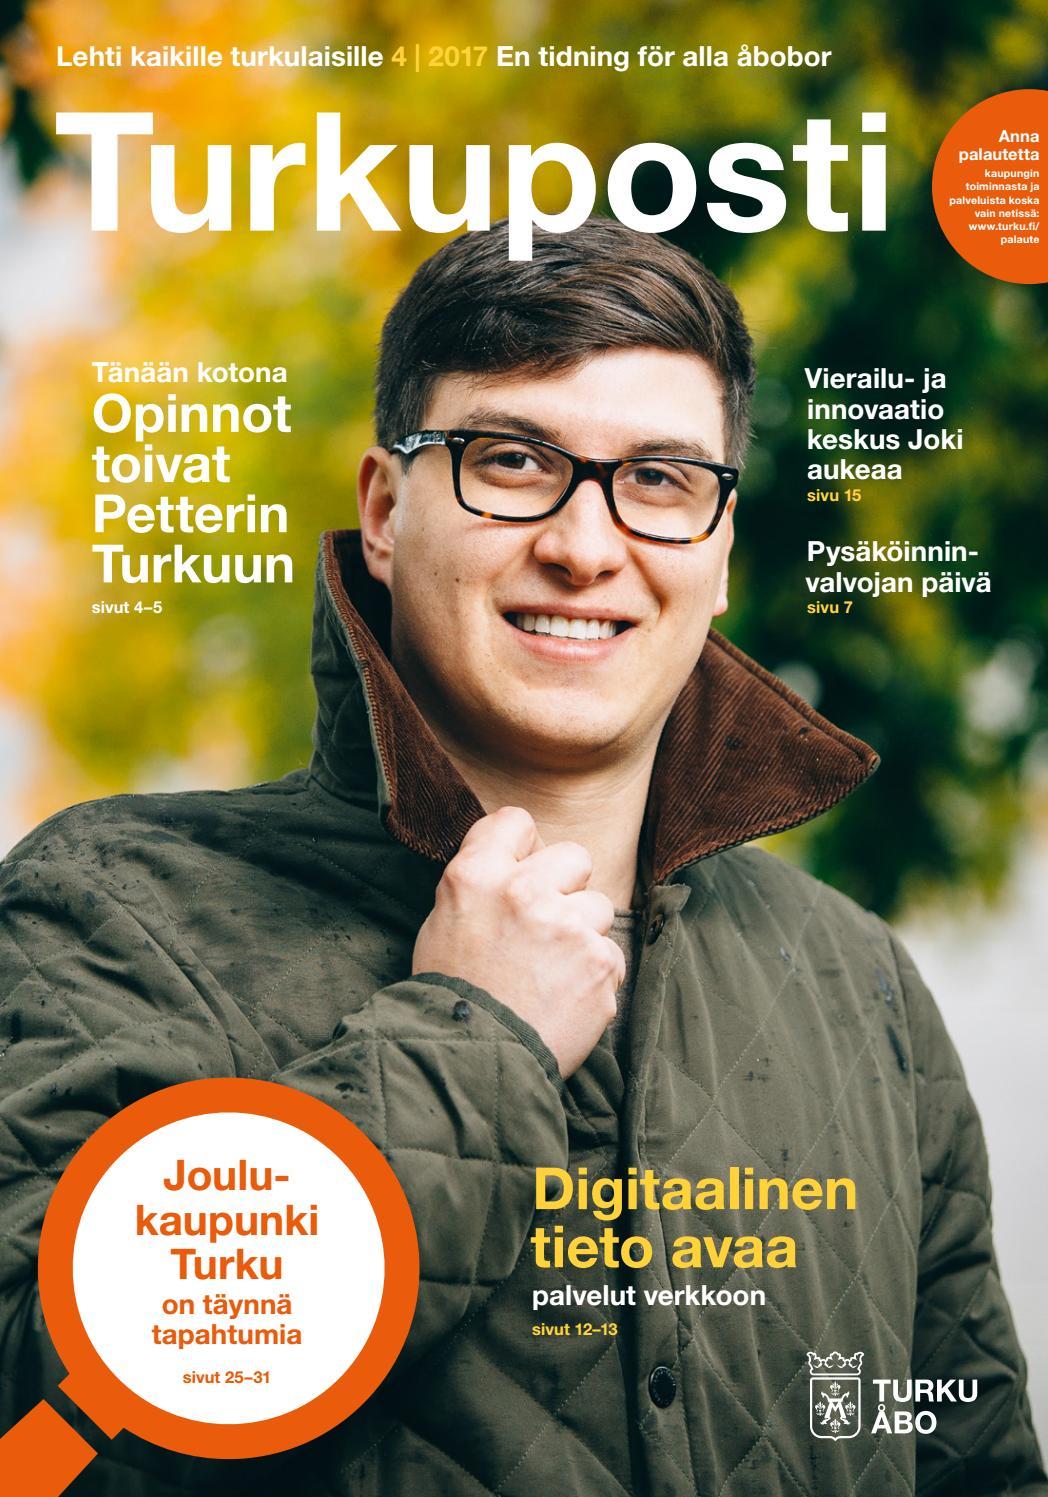 joulu-uinnit raisio 2018 Turkuposti 4/2017 by Turun kaupunki – Åbo stad   issuu joulu-uinnit raisio 2018